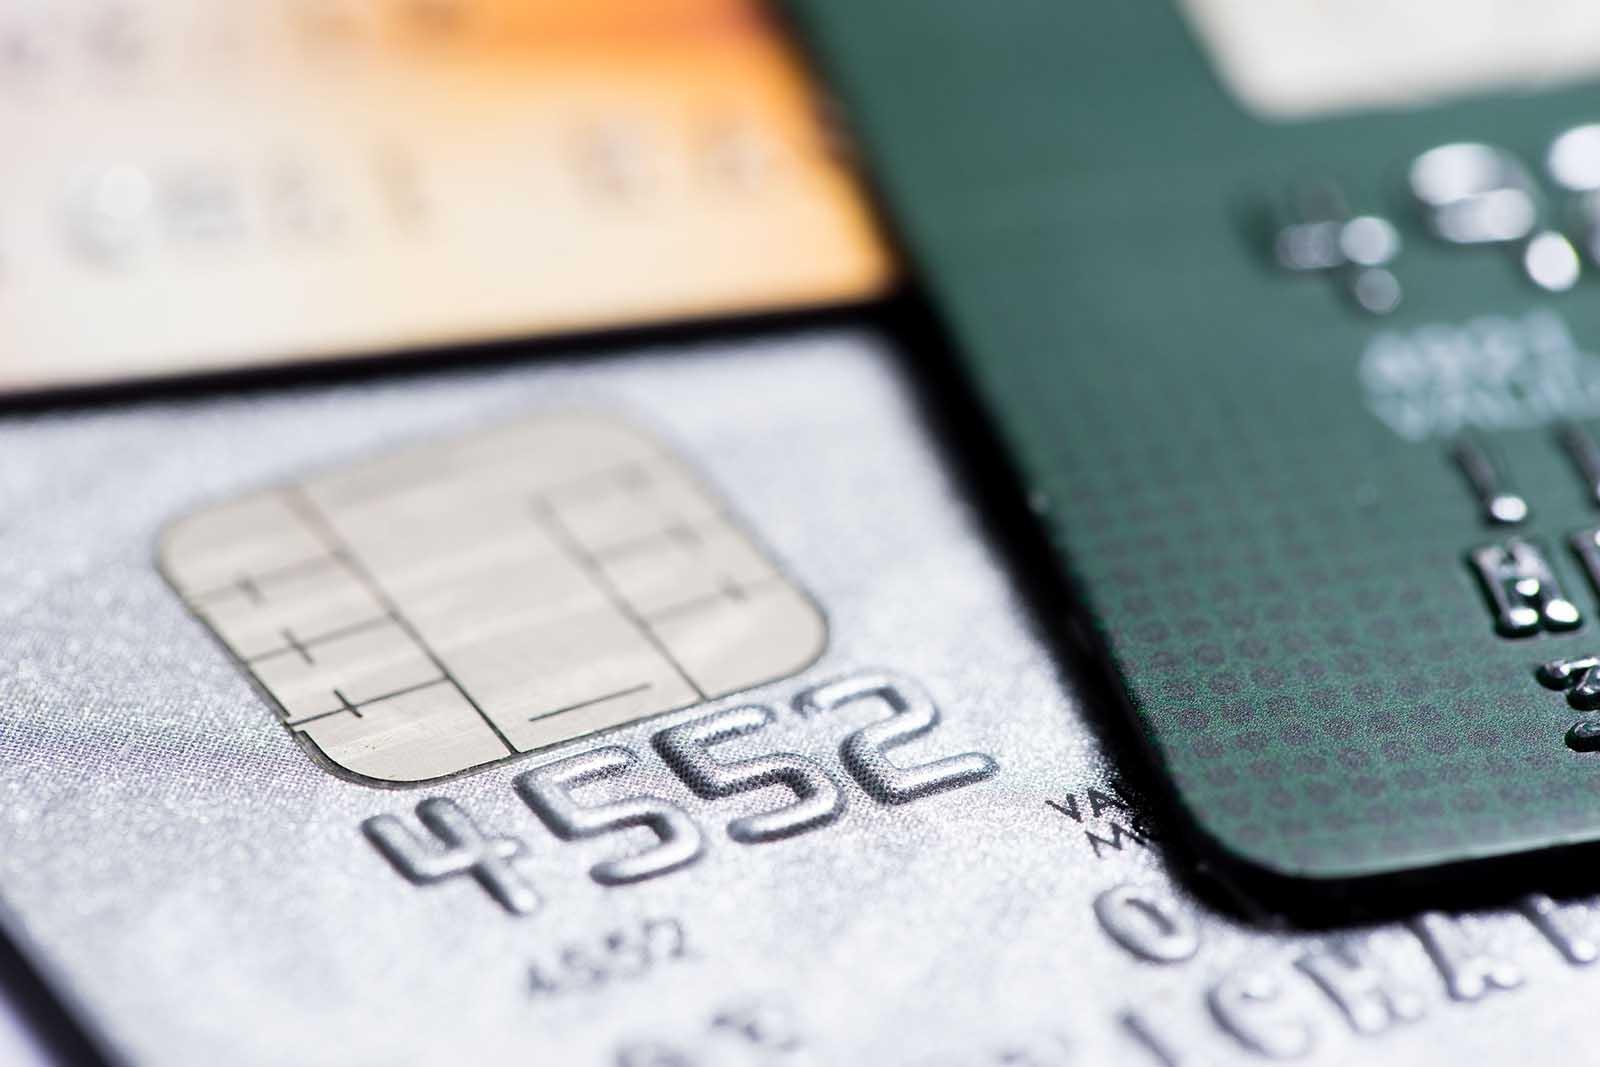 rentefritak på kredittkort